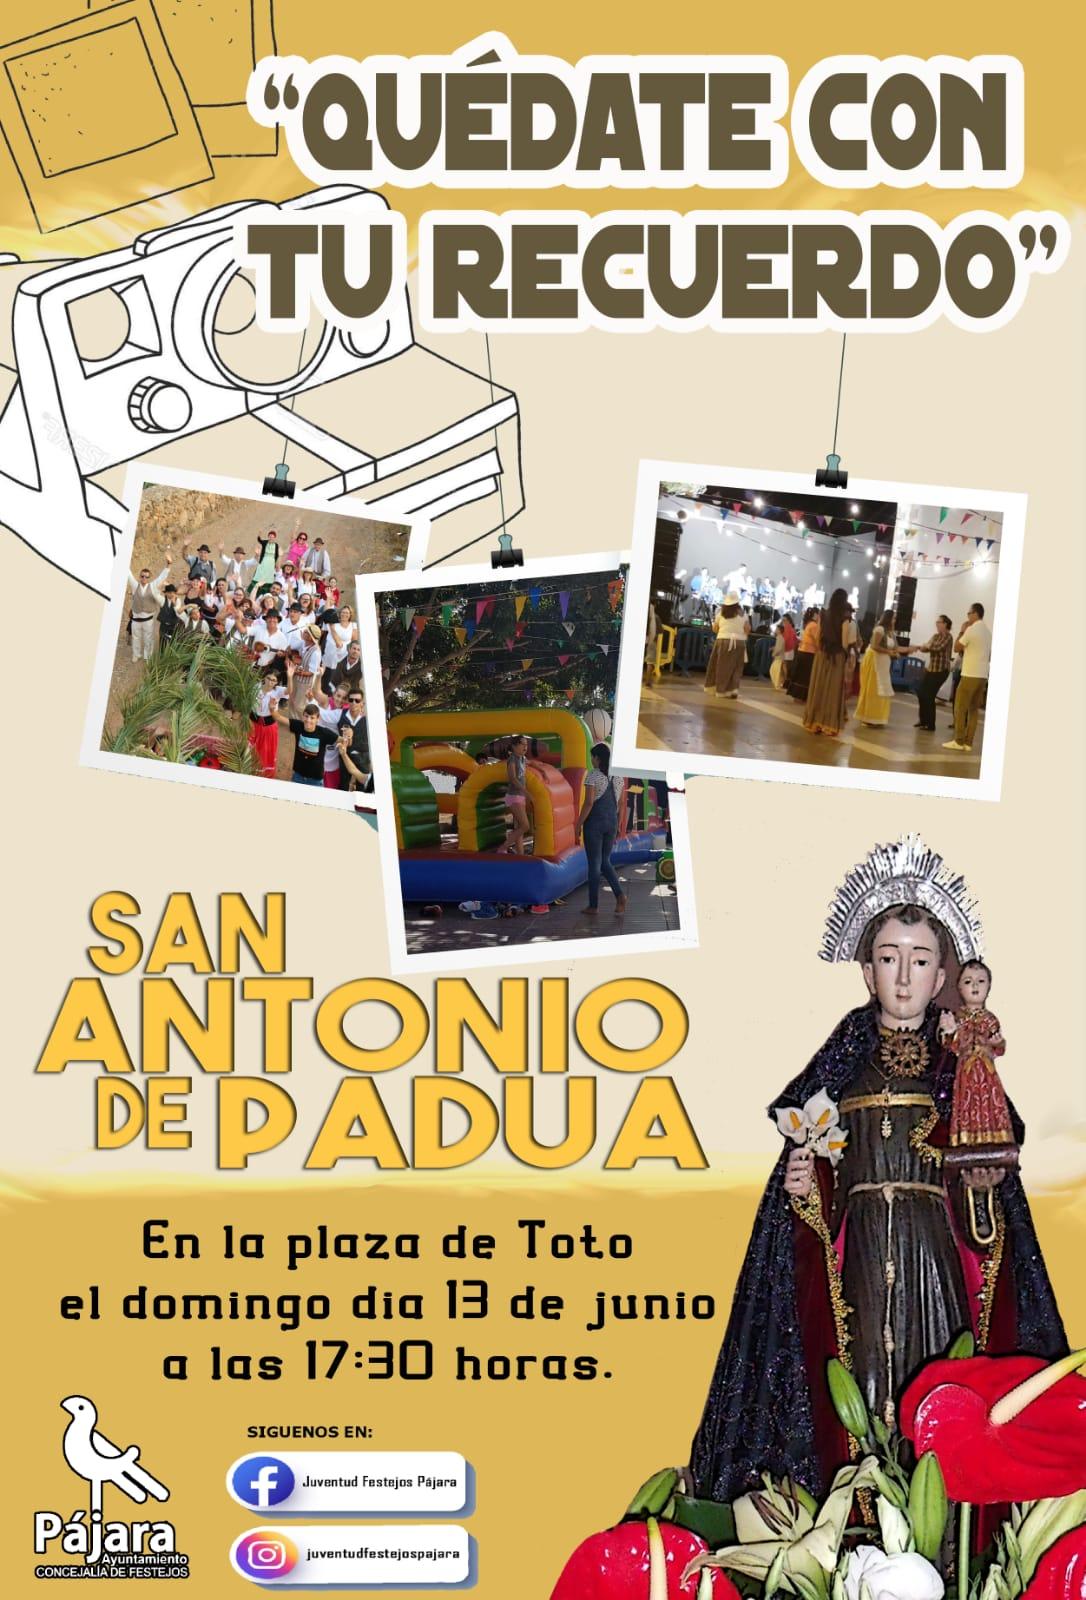 'Pronto volveremos a lo nuestro', vídeo de la conmemoración de las fiestas de San Antonio de Padua de Toto